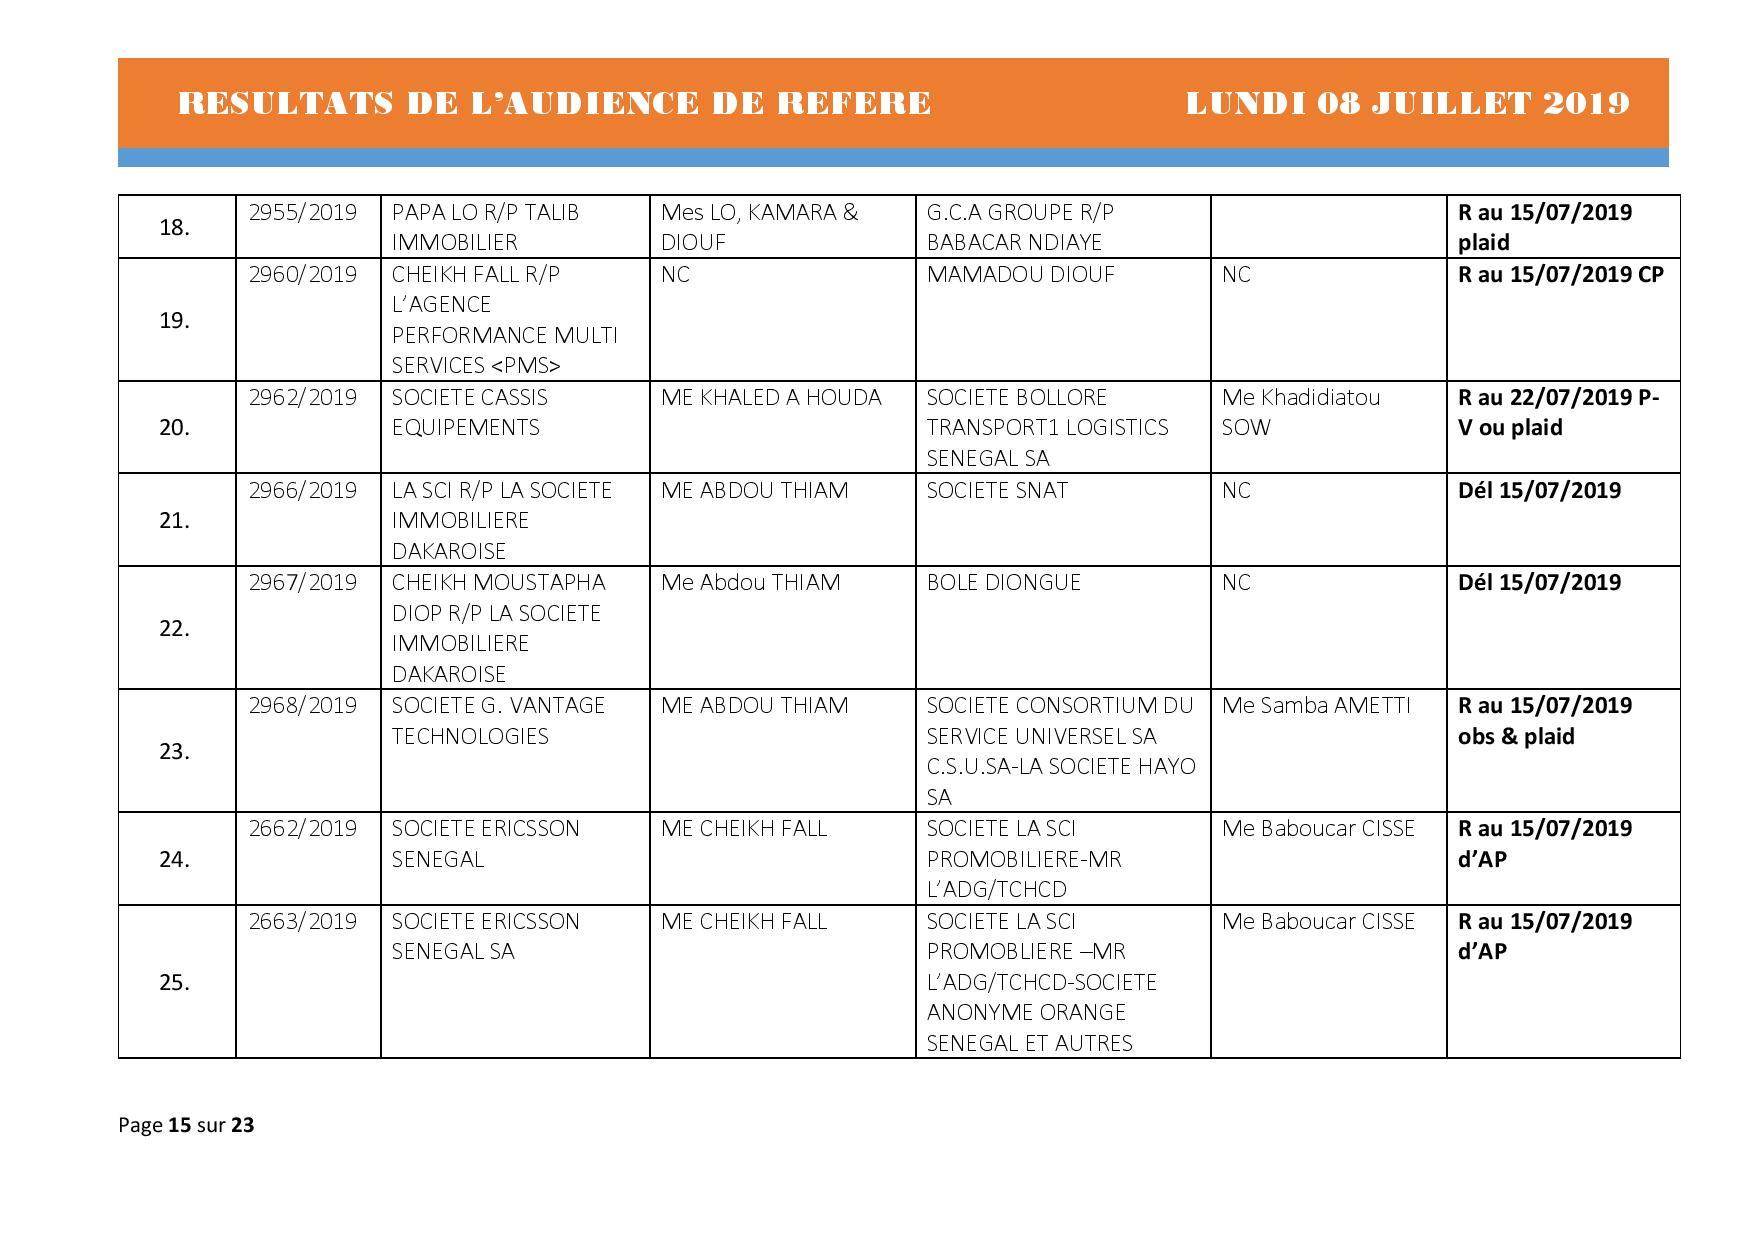 Tribunal du Commerce: Délibérés Audiences des Référés du lundi 8 juillet 2019